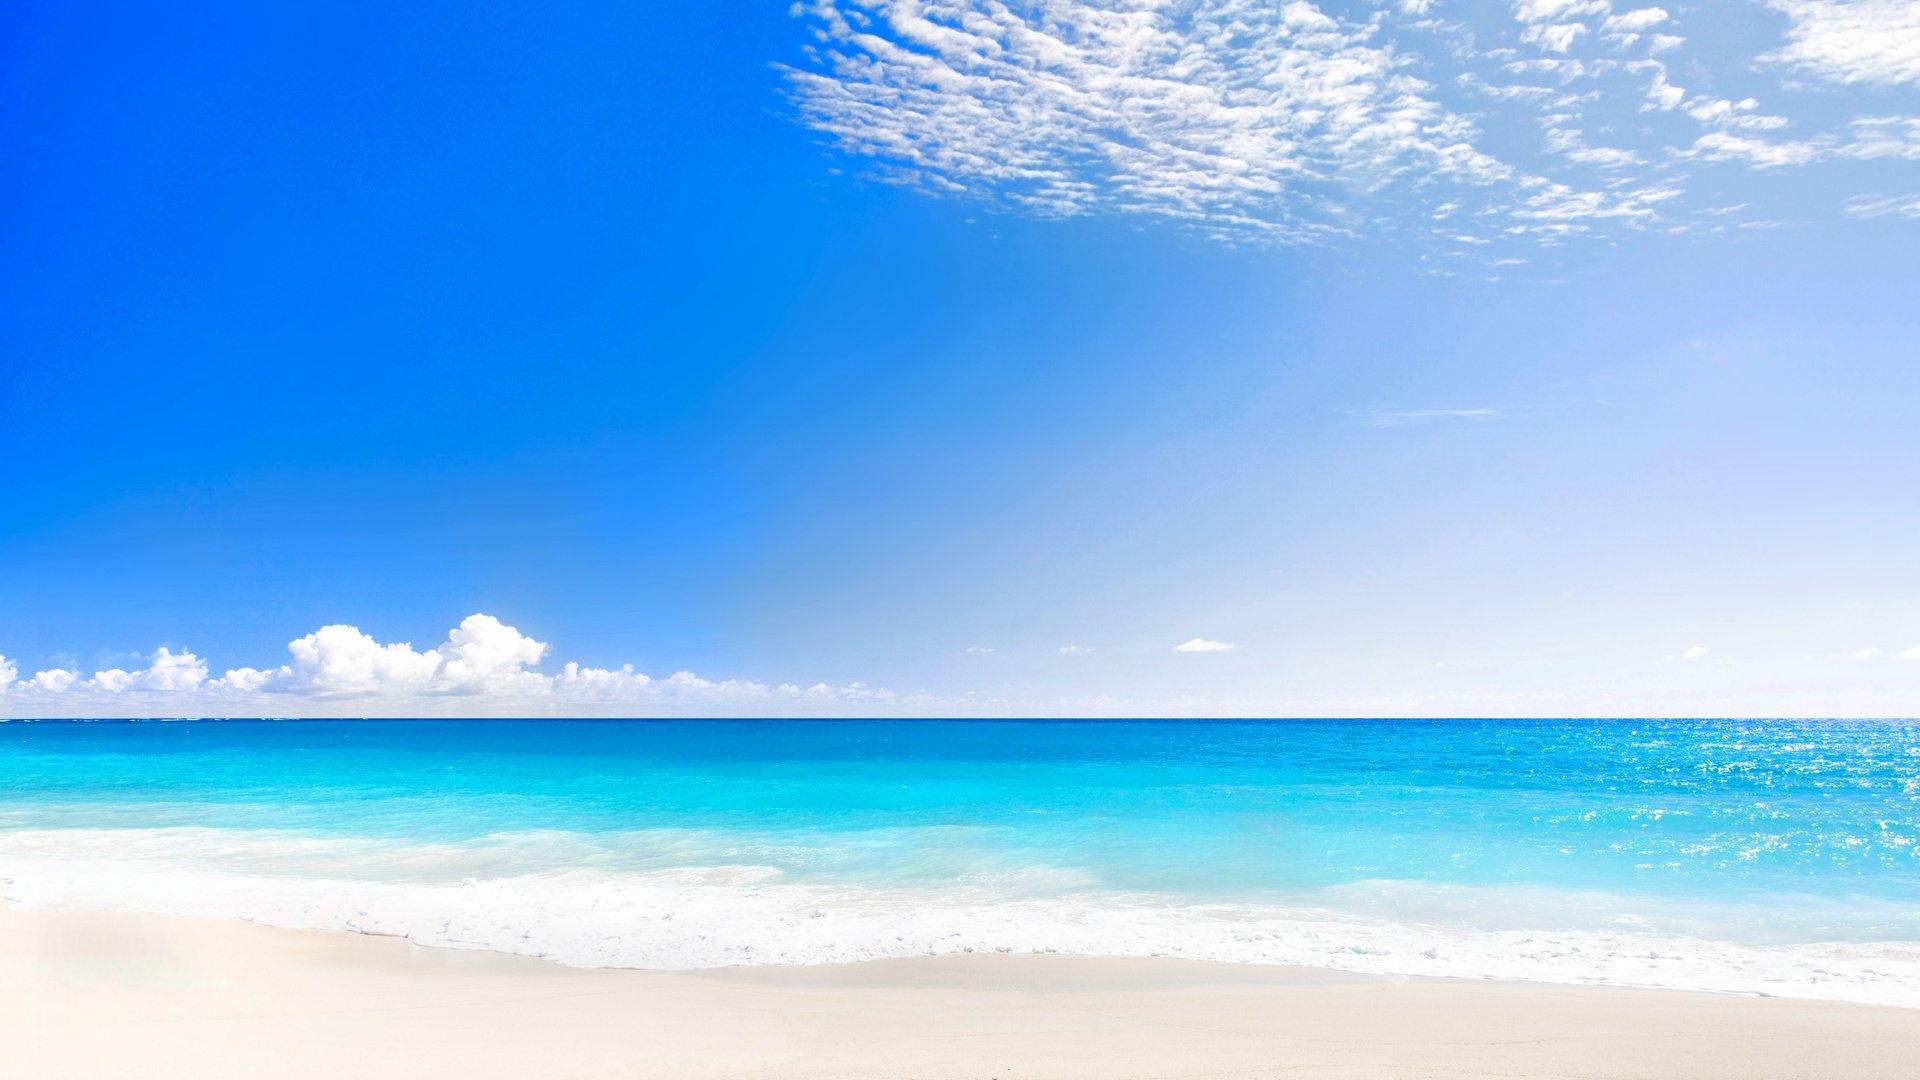 Beach best wallpaper